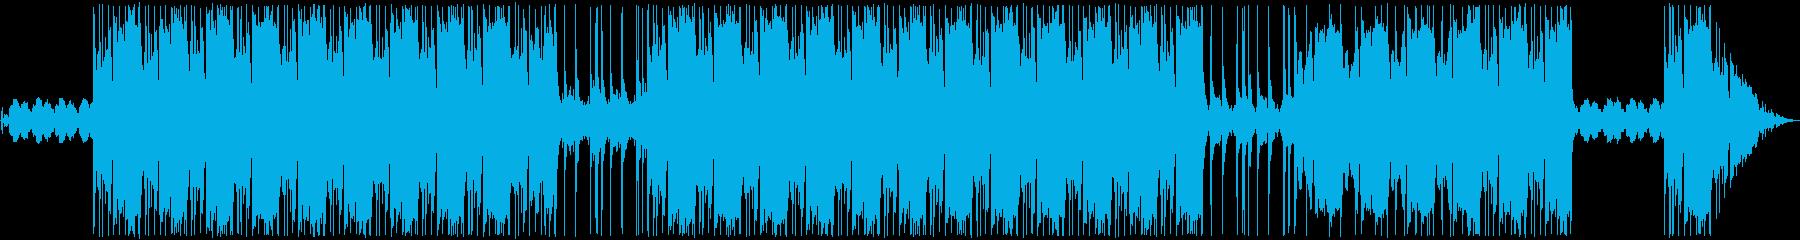 メニュー曲。の再生済みの波形